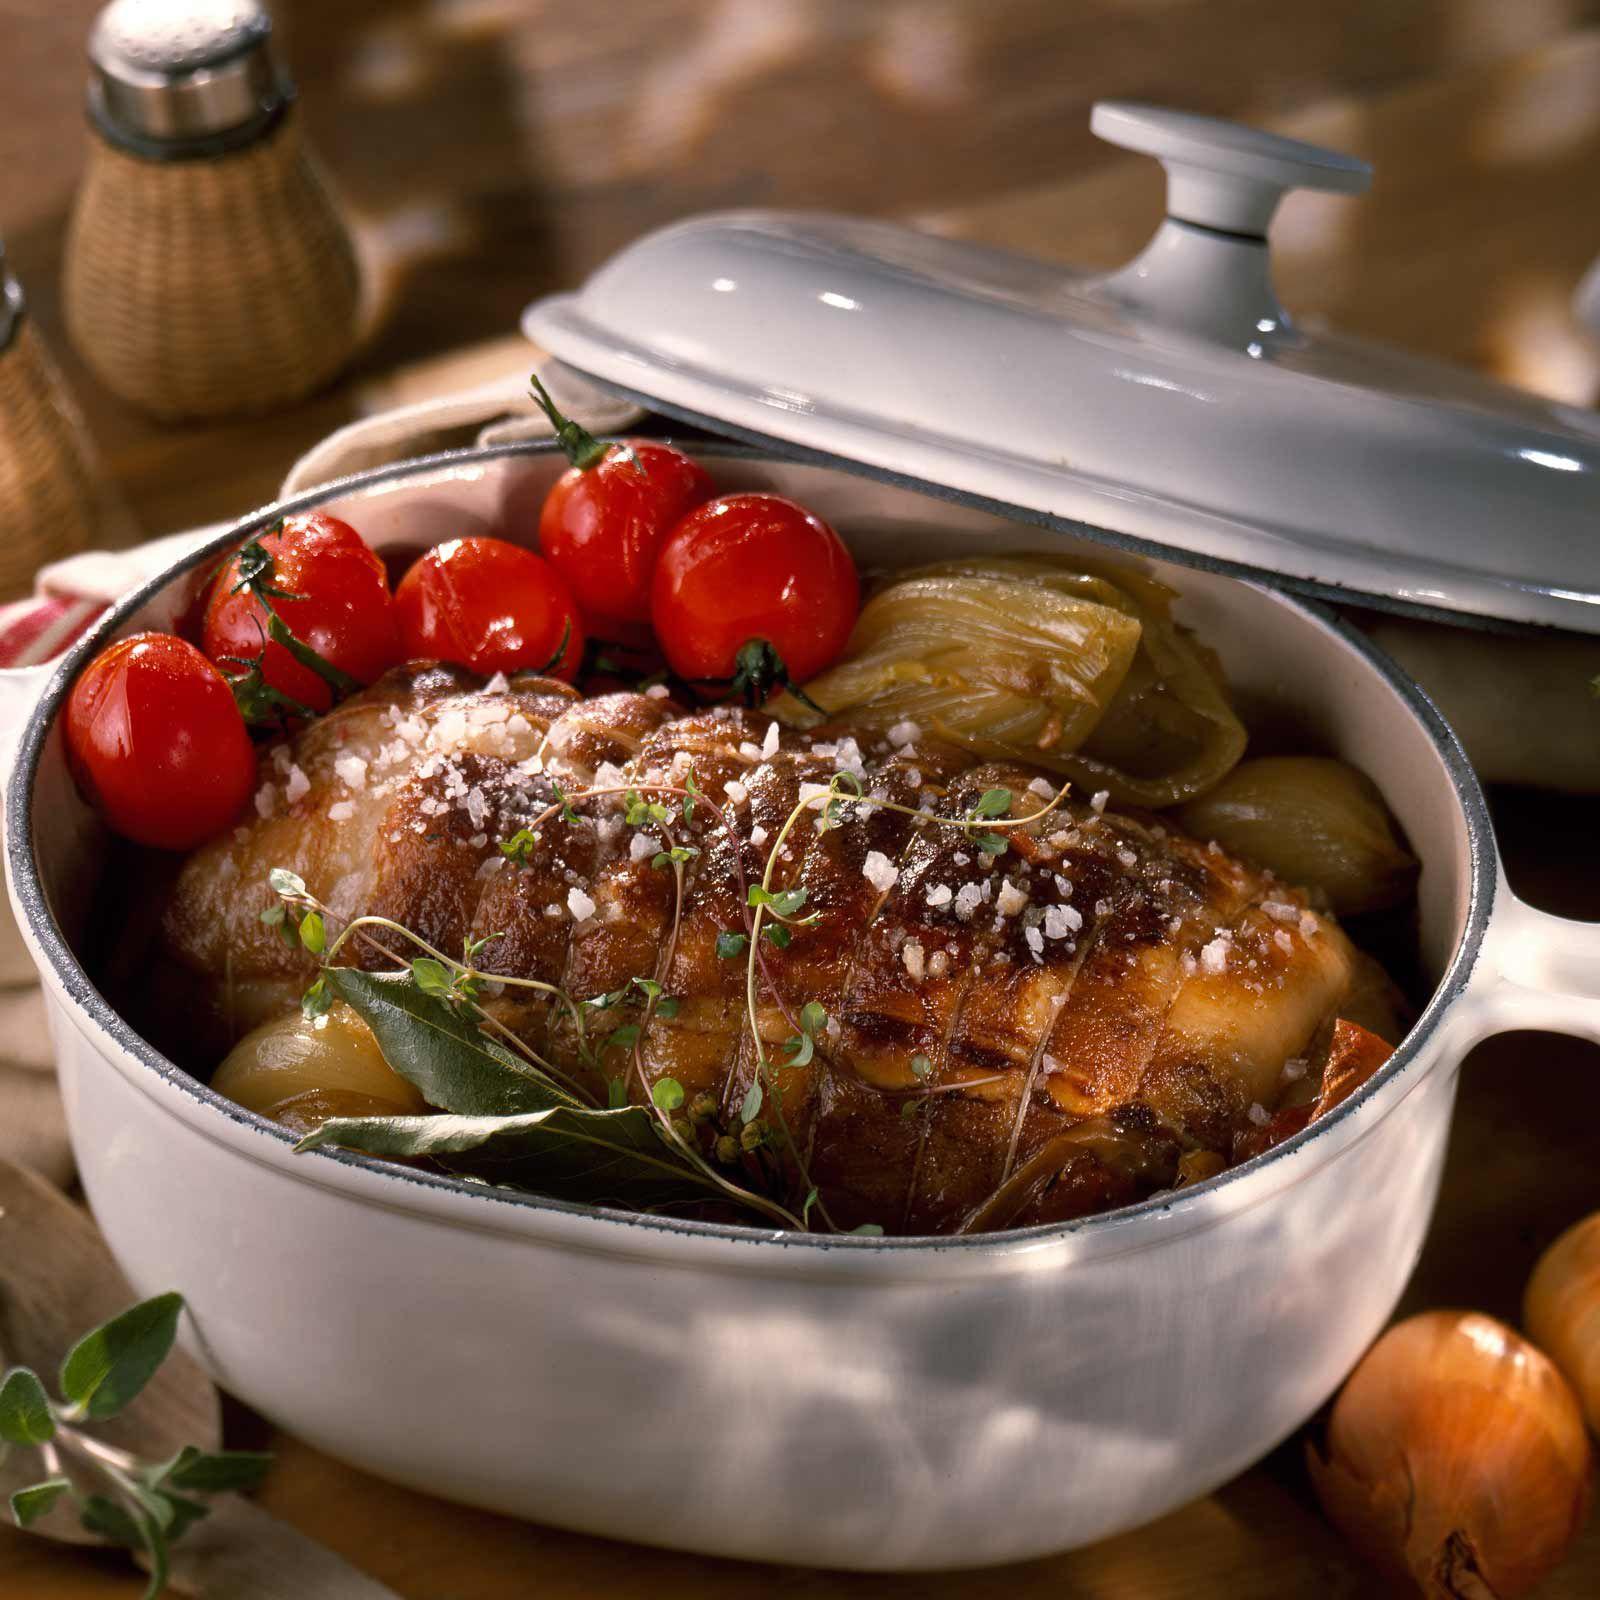 Comment faire un roti de veau - Comment cuisiner un roti de veau ...